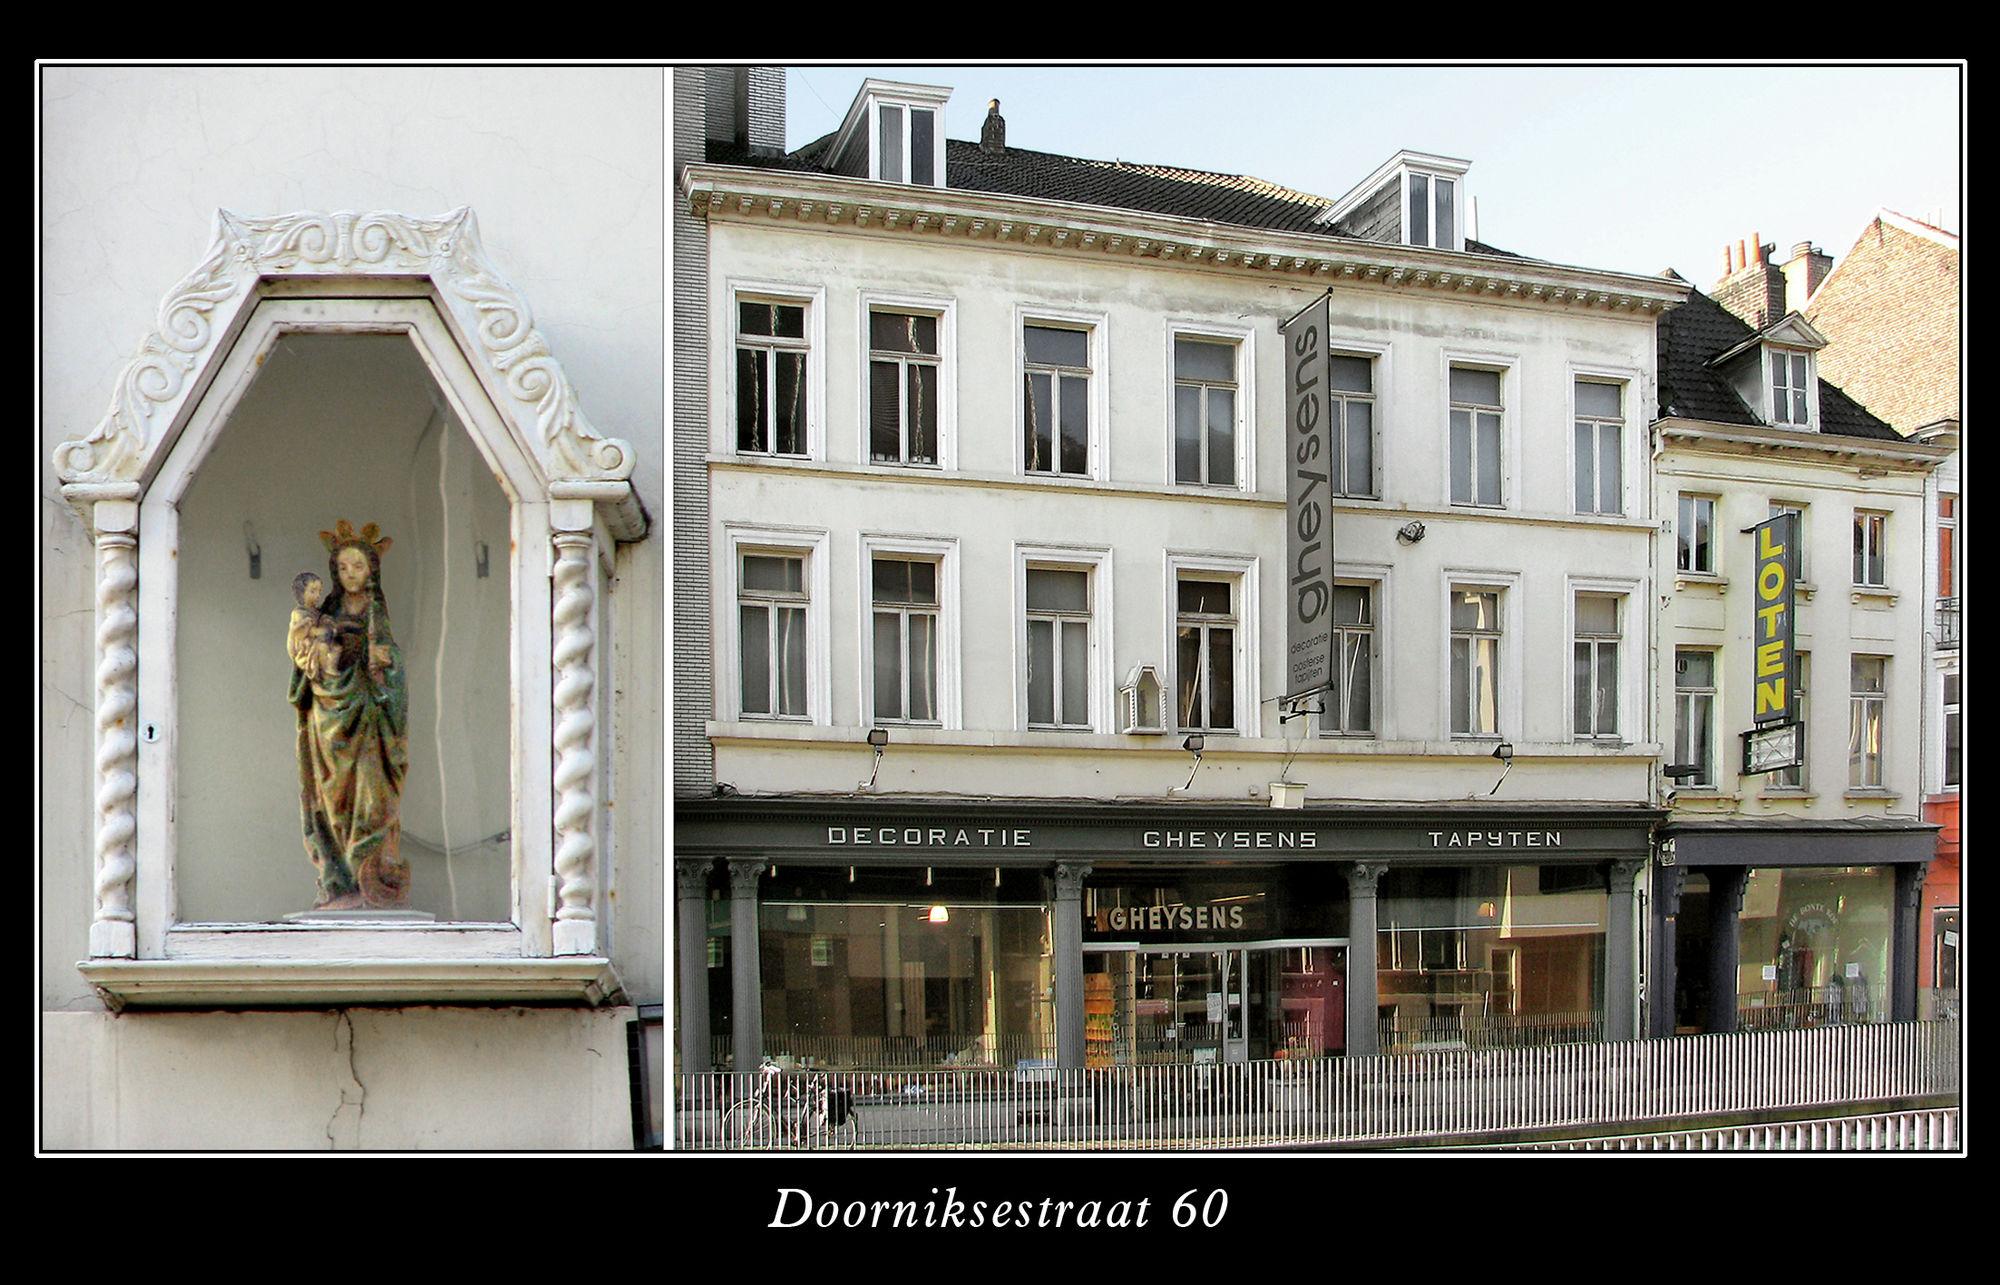 Muurkapel Doorniksestraat 60